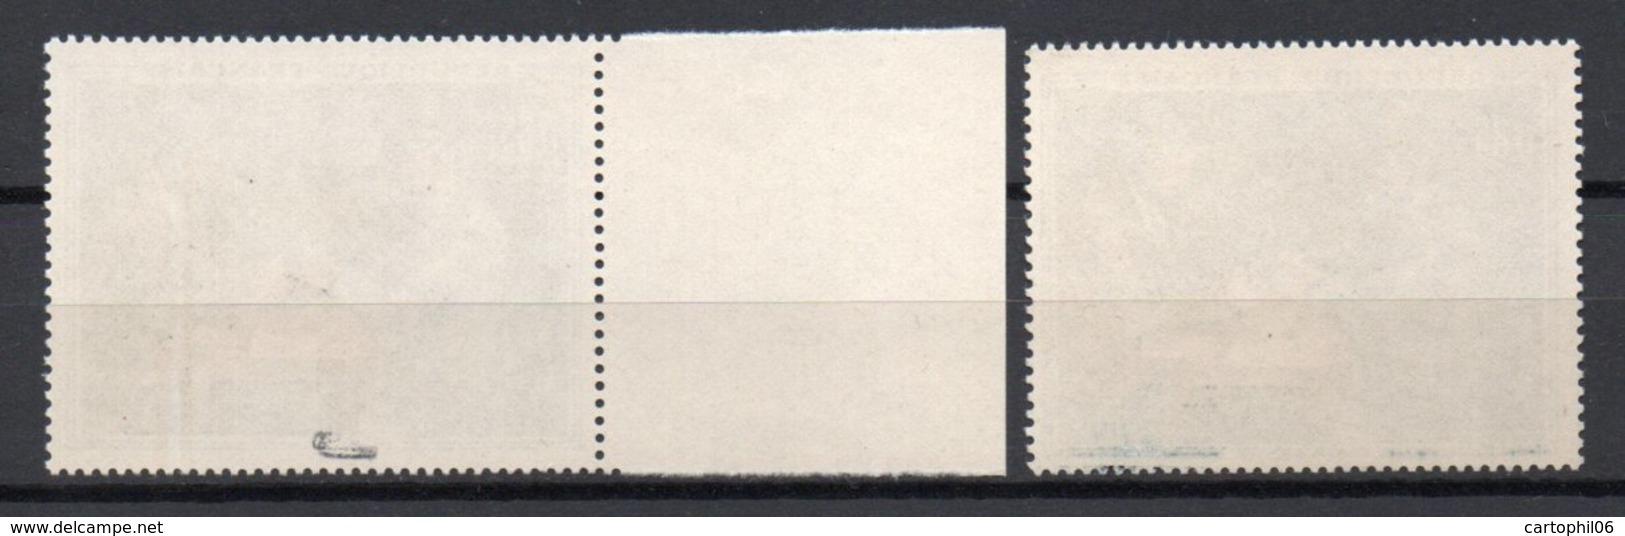 - FRANCE Variété N° 1321f - 85 C. Cézanne 1961 - CHIFFRES BLANCS - Signé CALVES - Cote 38 EUR - - Abarten: 1960-69 Ungebraucht